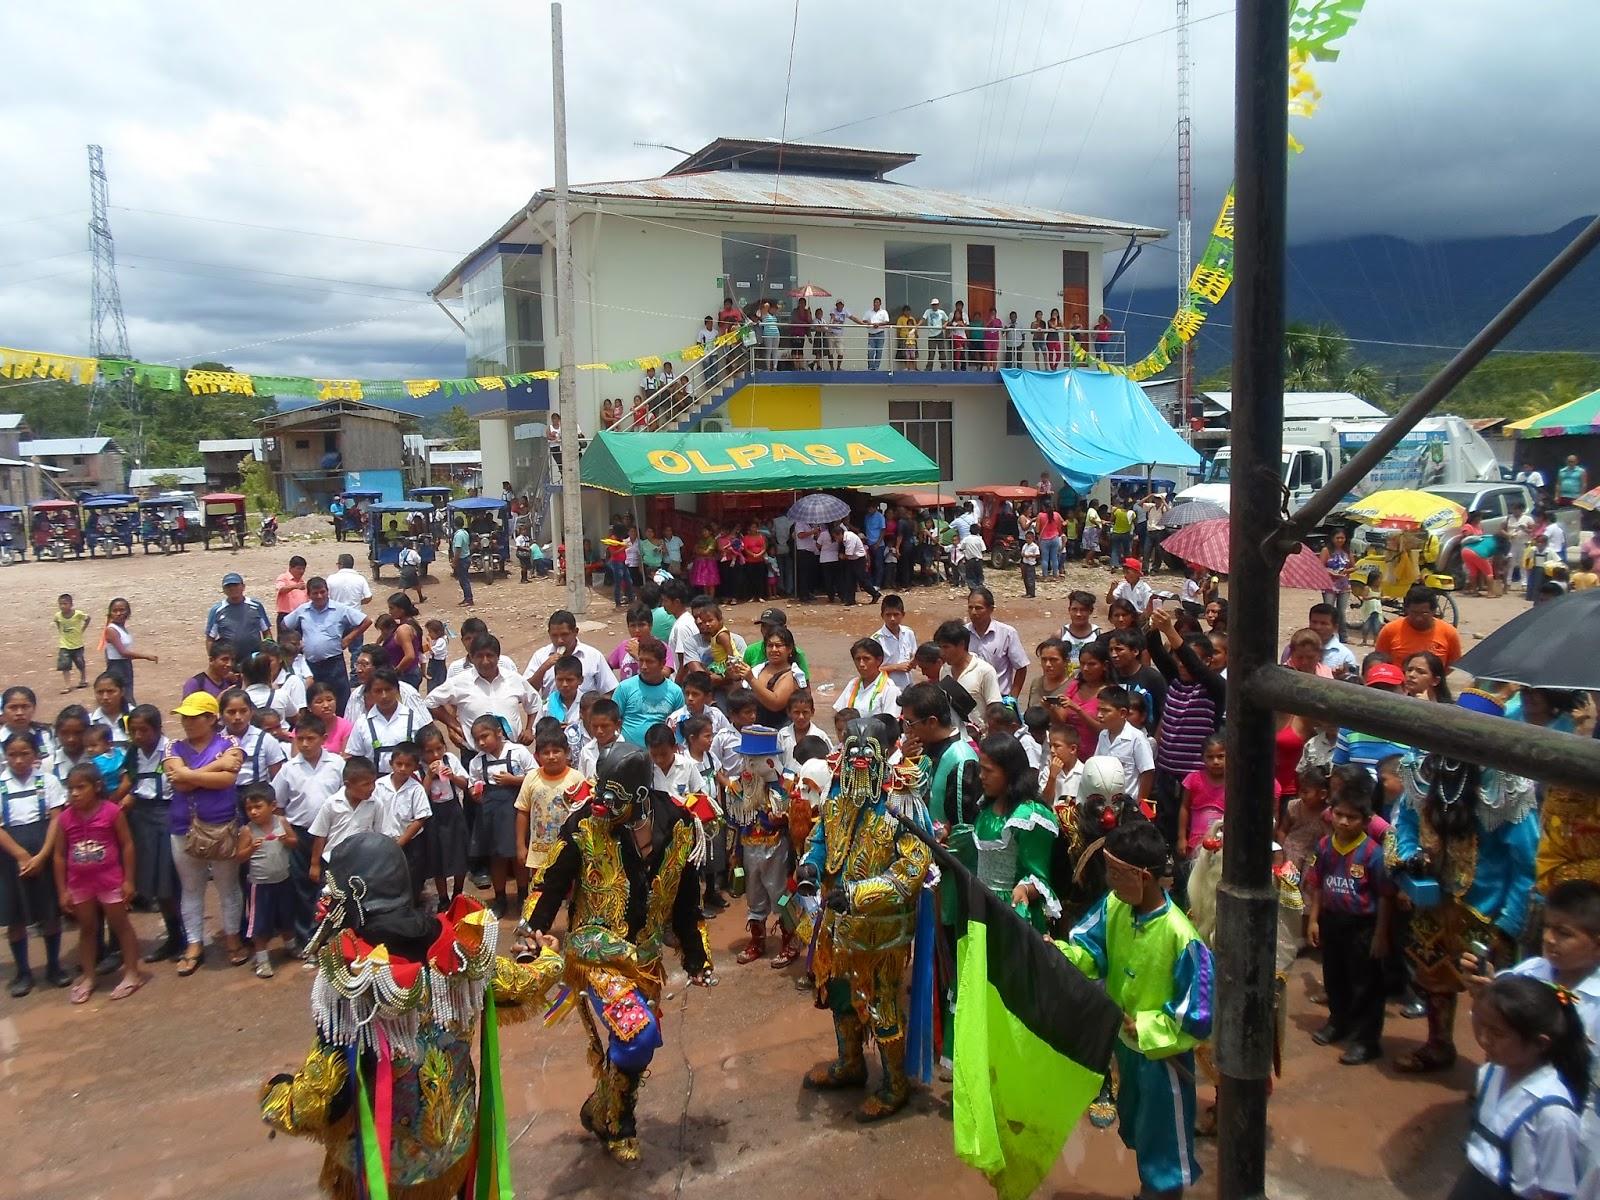 b4b602ca85 ... el candidato de Todos Somos Ucayali Luis Maguiña Paredes quien recibió  un contundente respaldo de este importante sector. en tal sentido los  pobladores ...